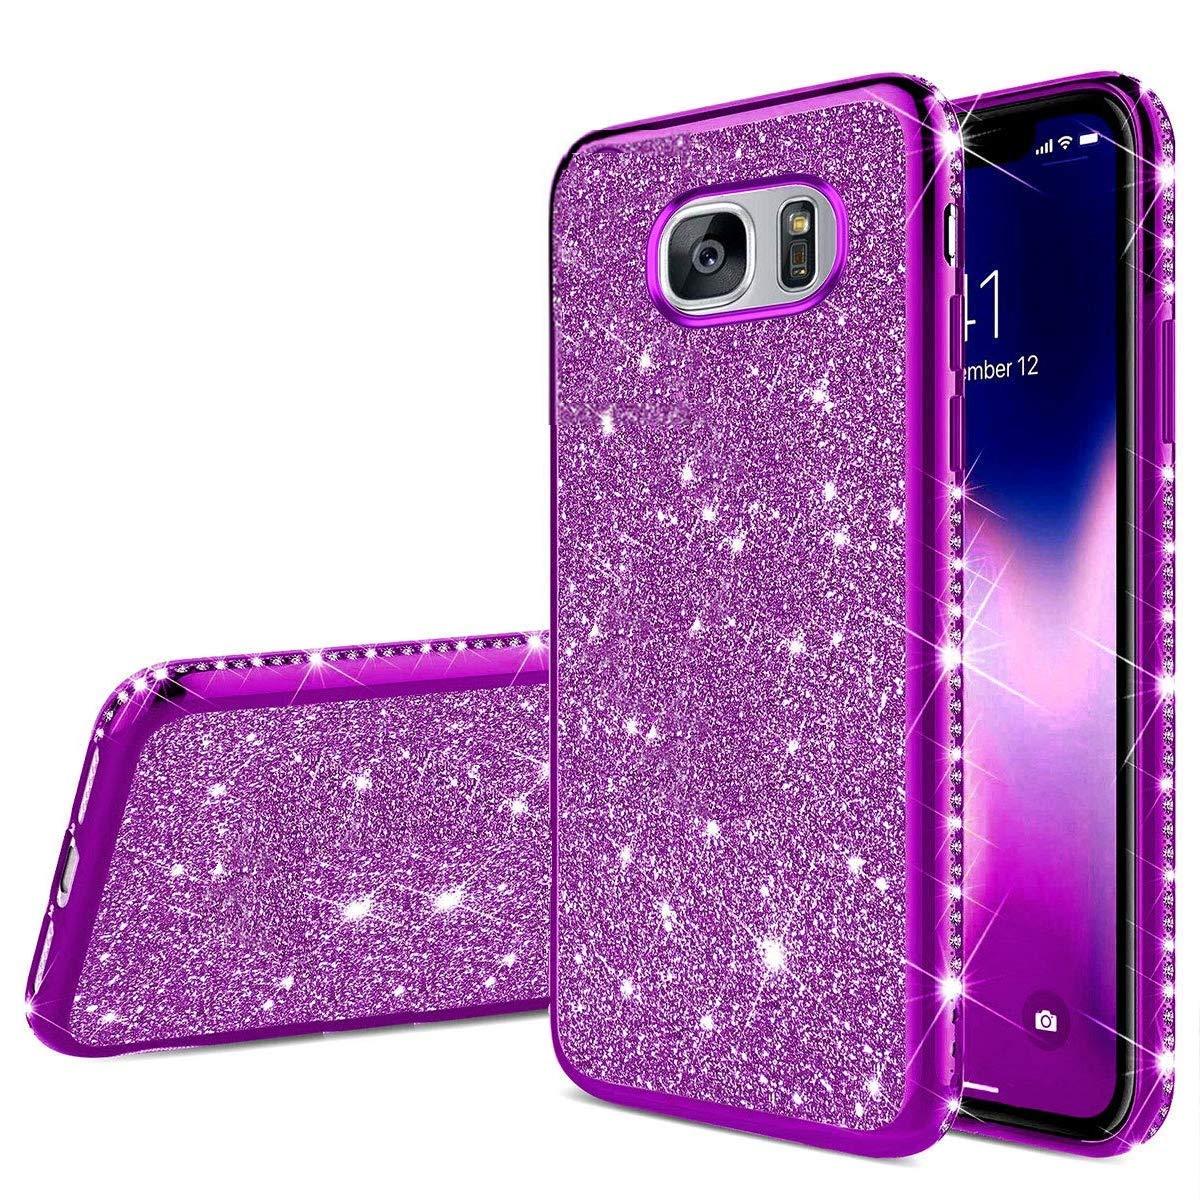 Herbests Kompatibel mit Samsung Galaxy S7 Edge H/ülle Glitzer M/ädchen Schuzh/ülle Kristall Bling Glitzer Strass Diamant /Überzug Ultra D/ünn Durchsichtige Transparent Silikon Handyh/ülle Tasche,Lila